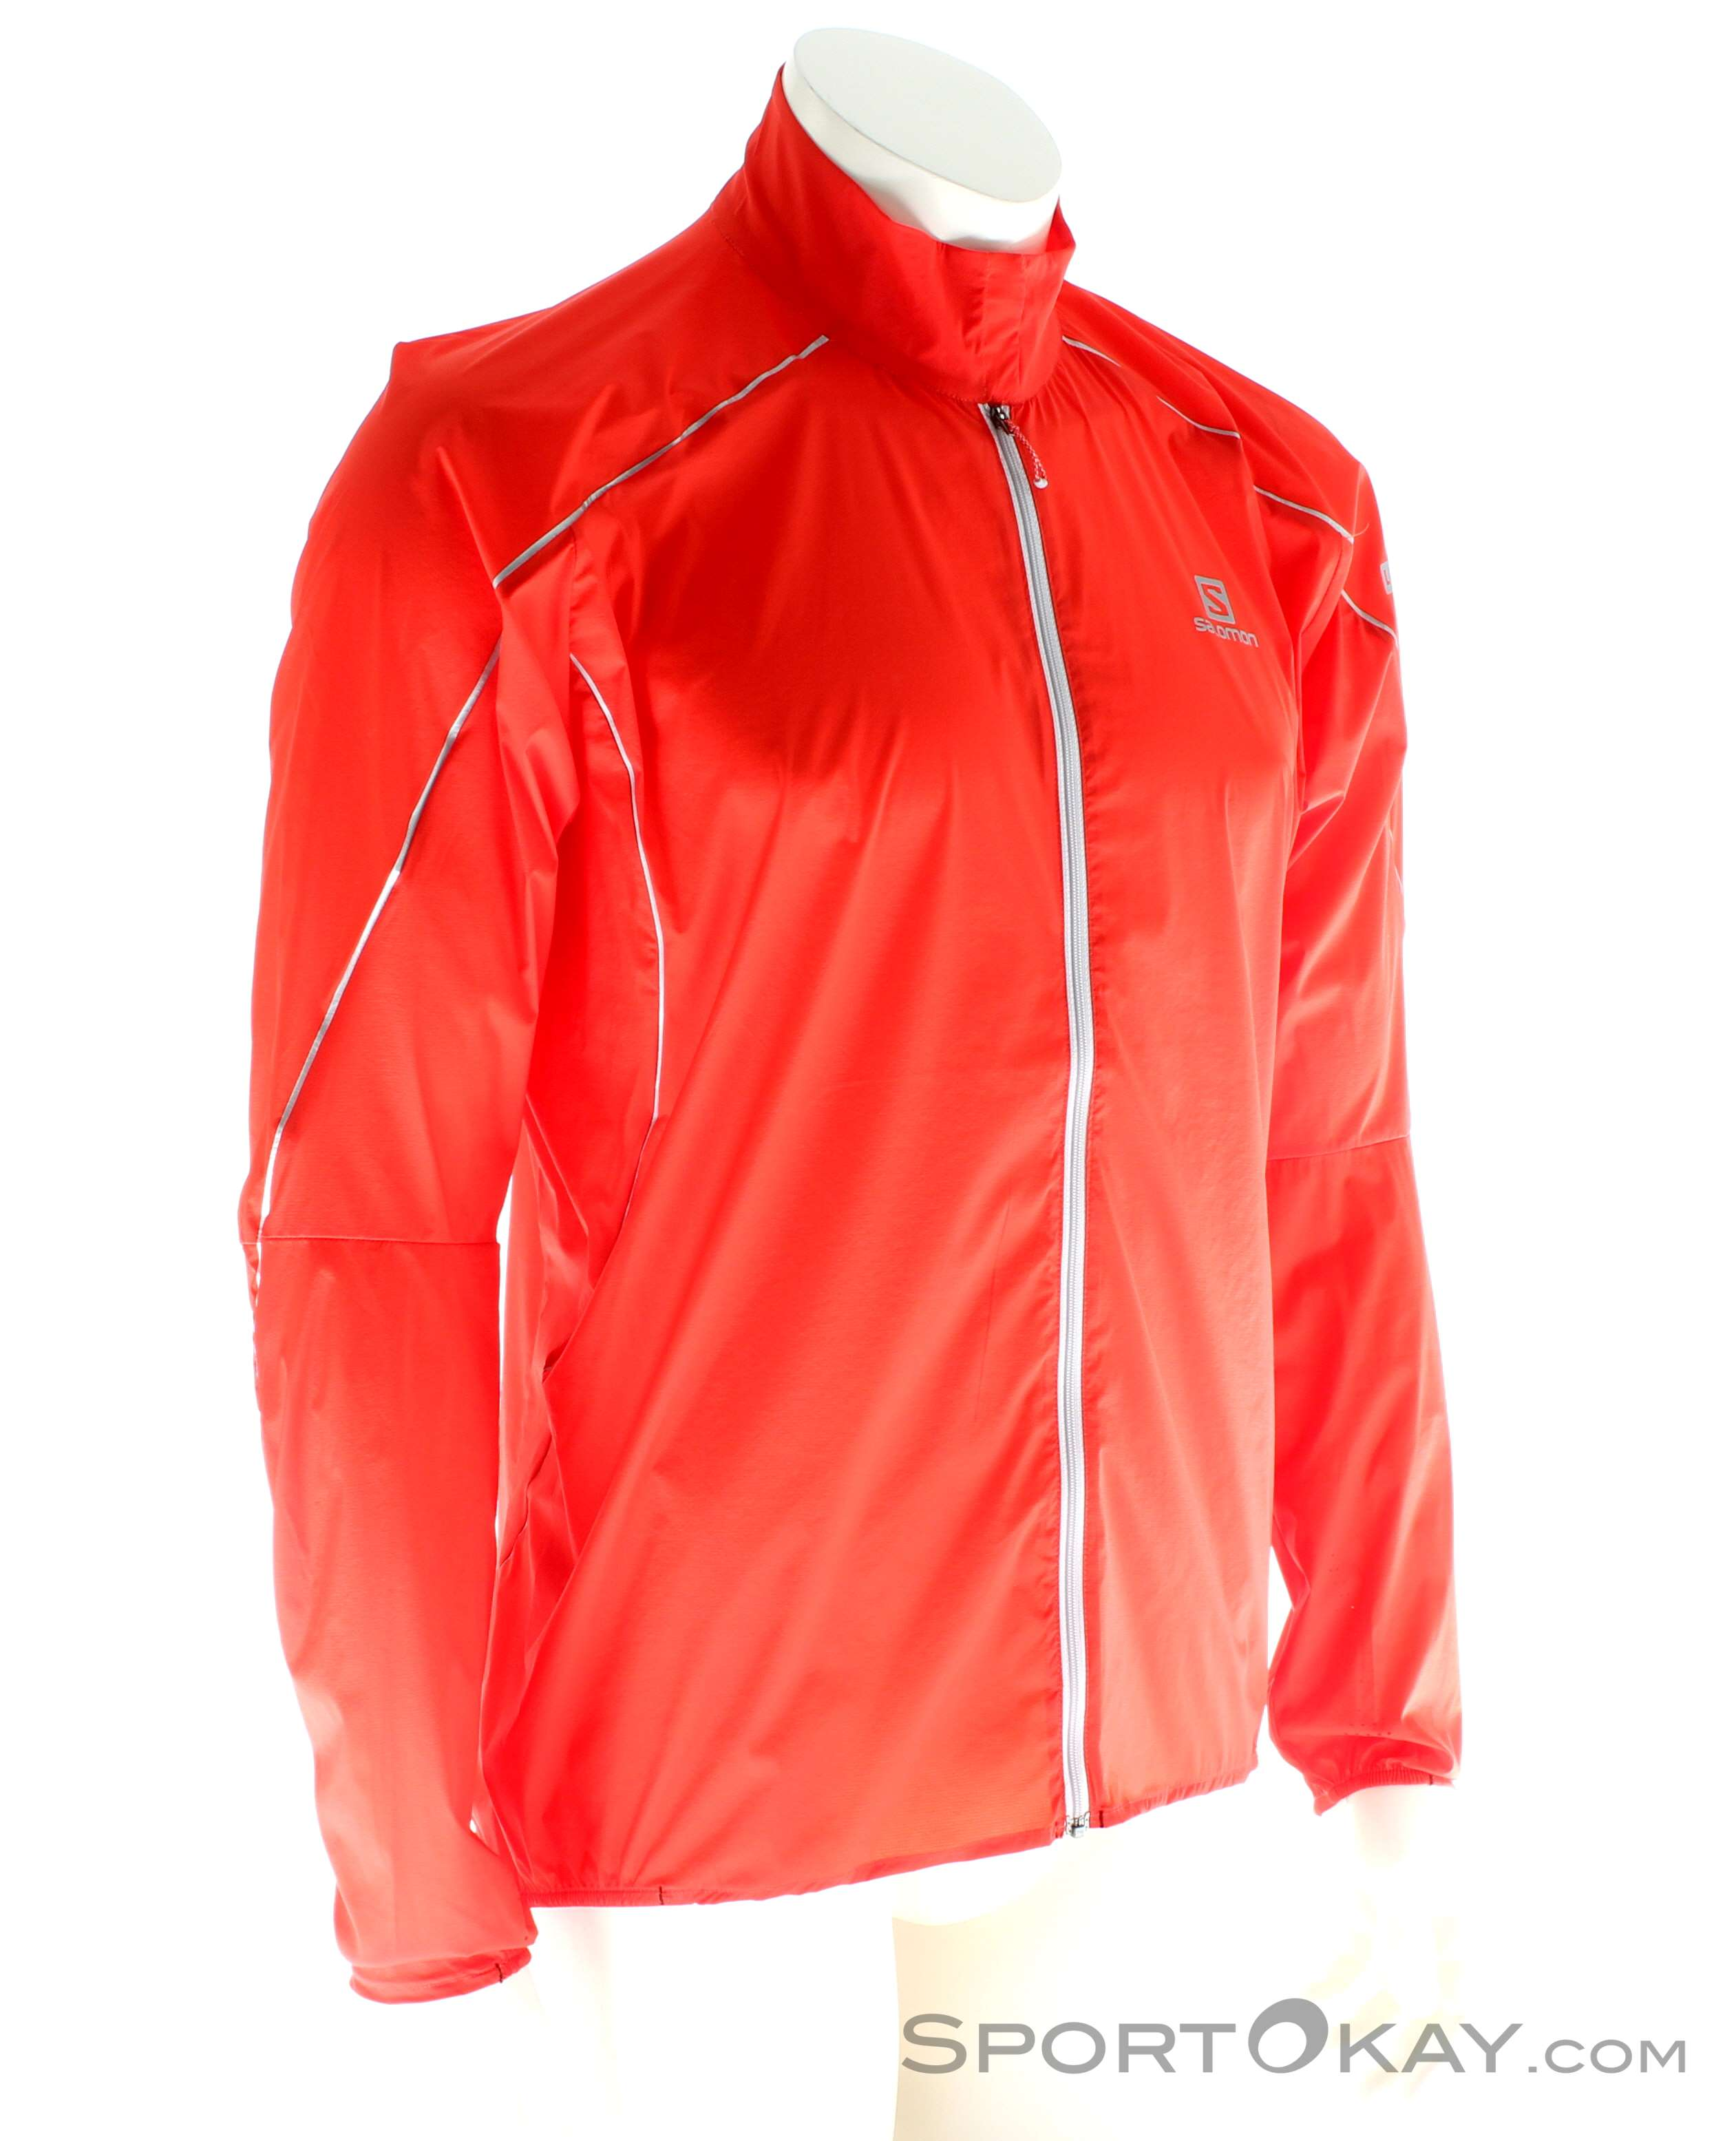 Salomon S-LAB Light Jacket Herren Outdoorjacke-Rot-M